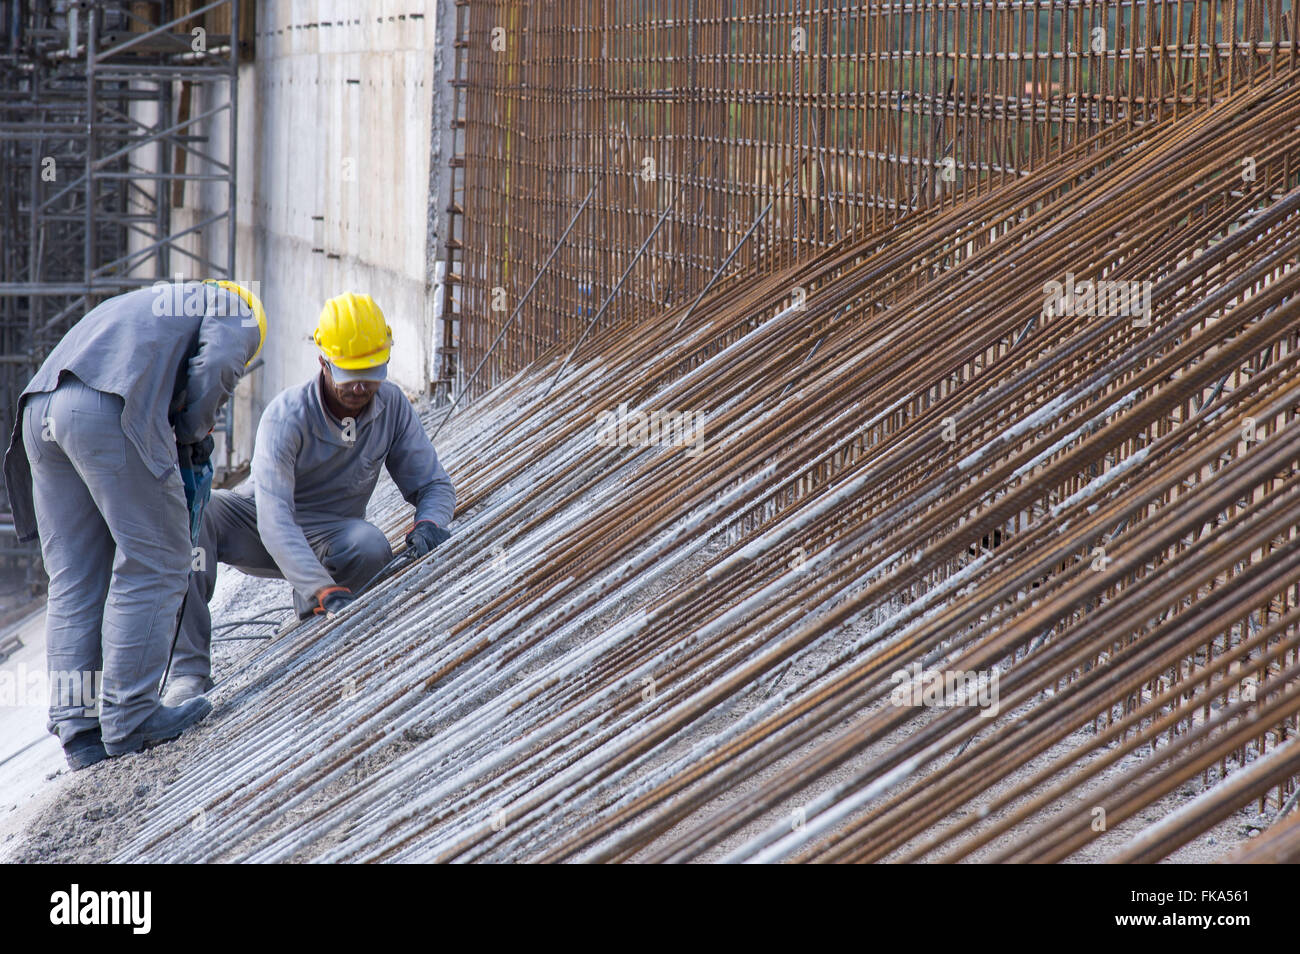 Détail de matériel d'aqueduc Mari travail - Transposition de la rivière San Francisco Photo Stock